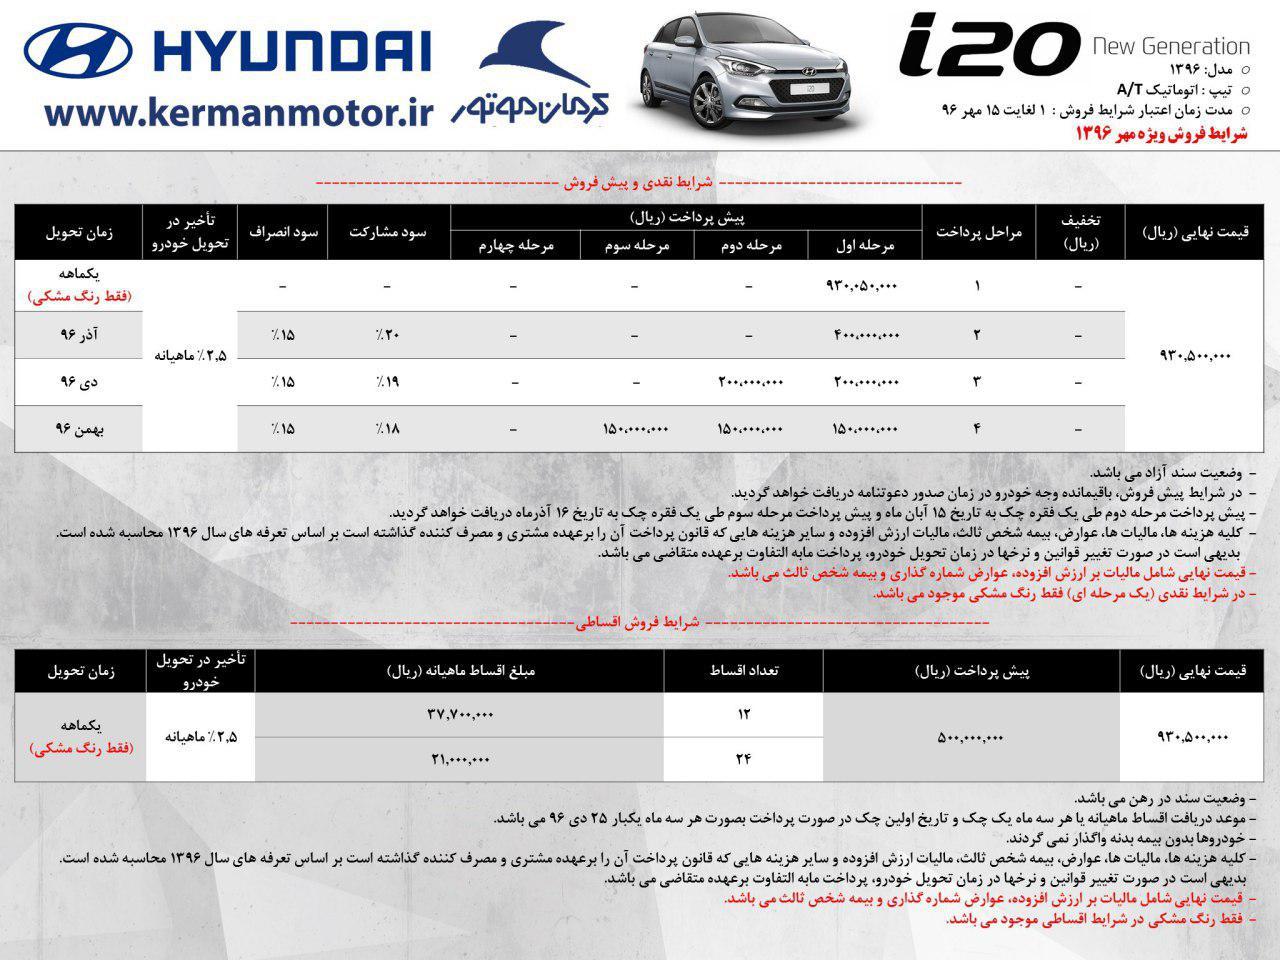 شرایط جدید فروش هیوندای آی20- مهر 96